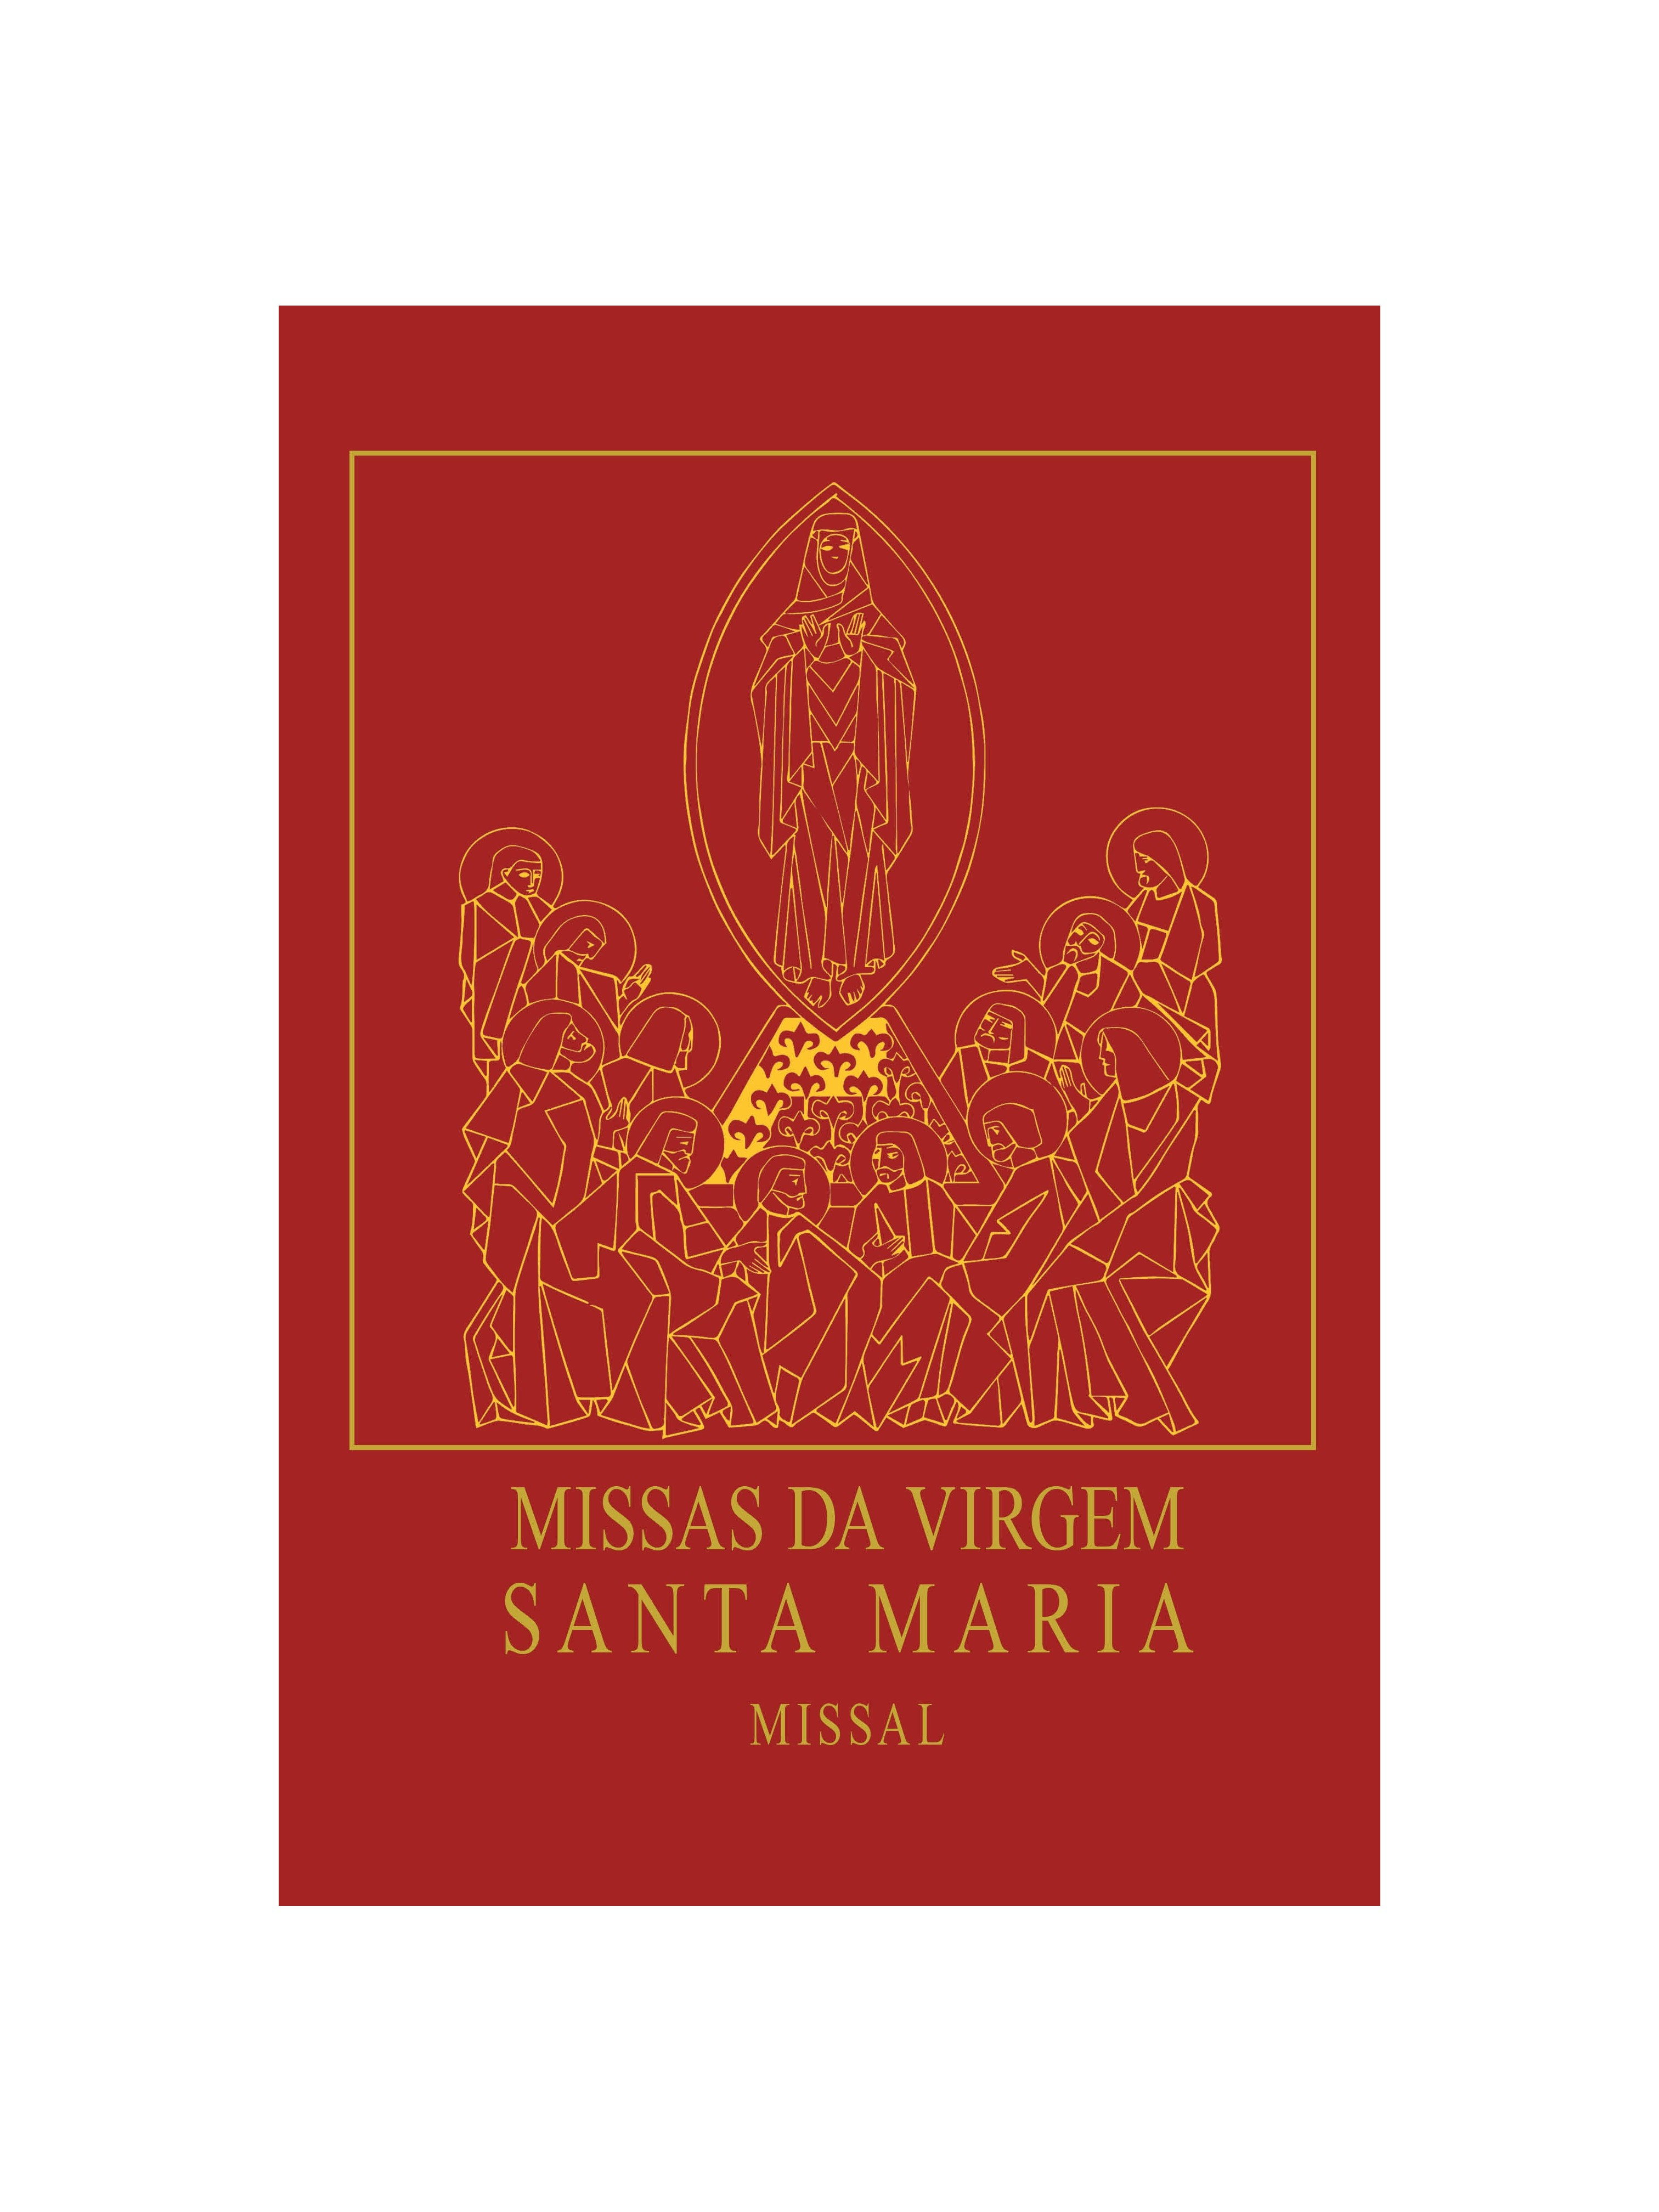 Missas da Virgem Santa Maria (Missal)